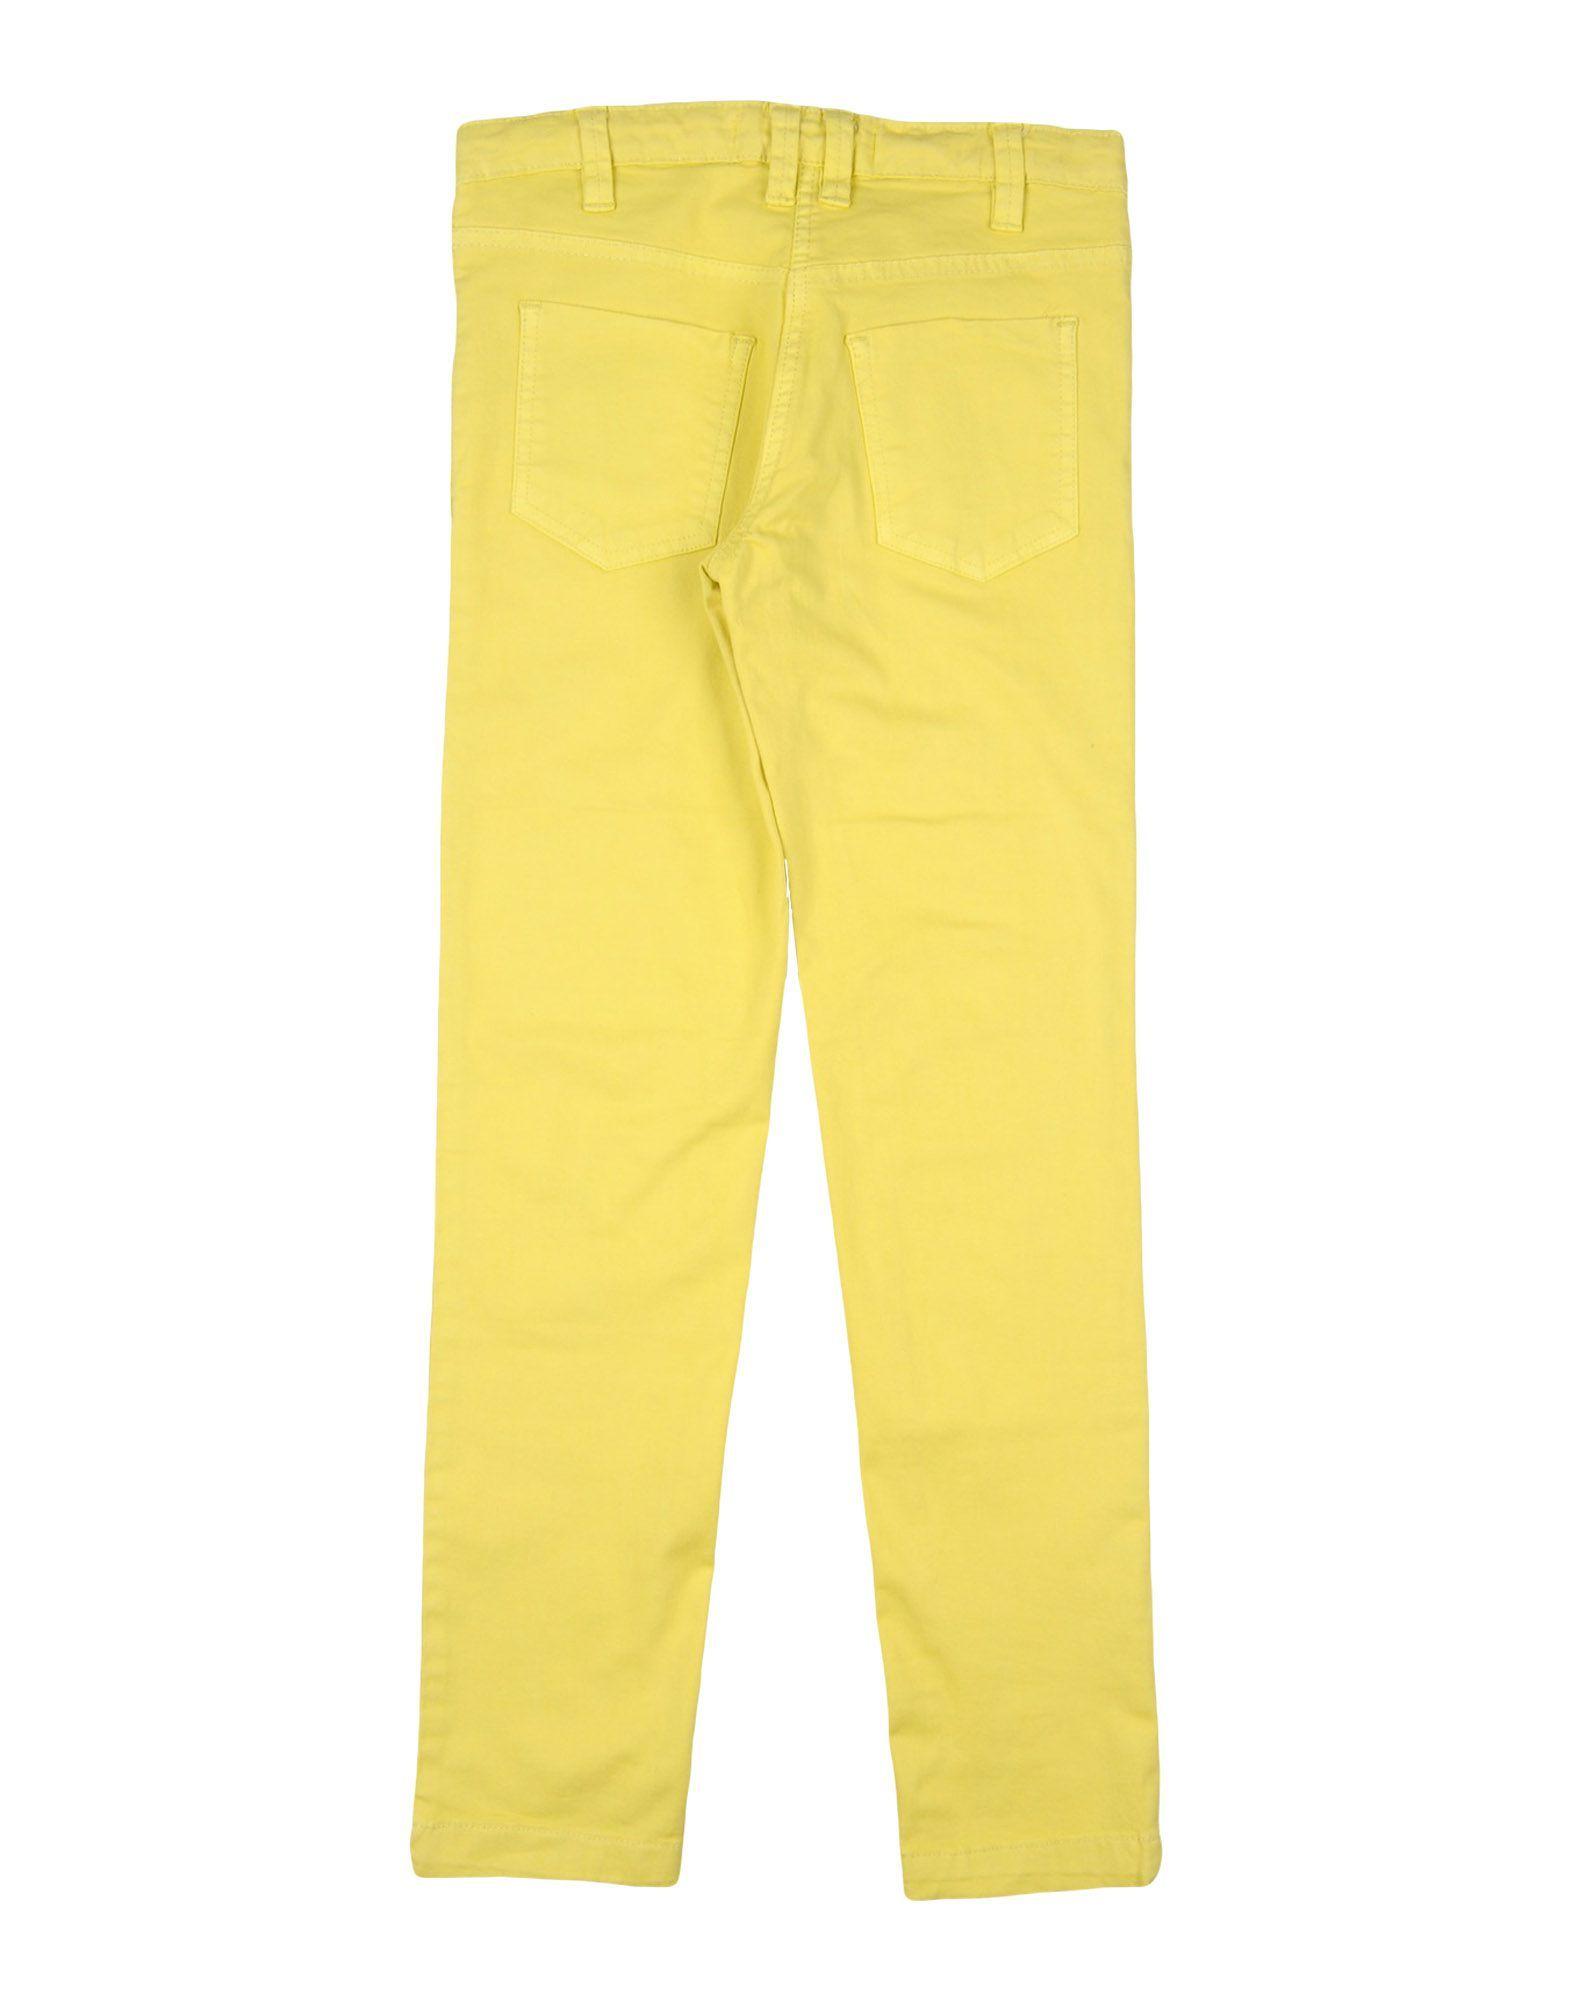 TROUSERS Girl Heach Dolls By Silvian Heach Yellow Cotton